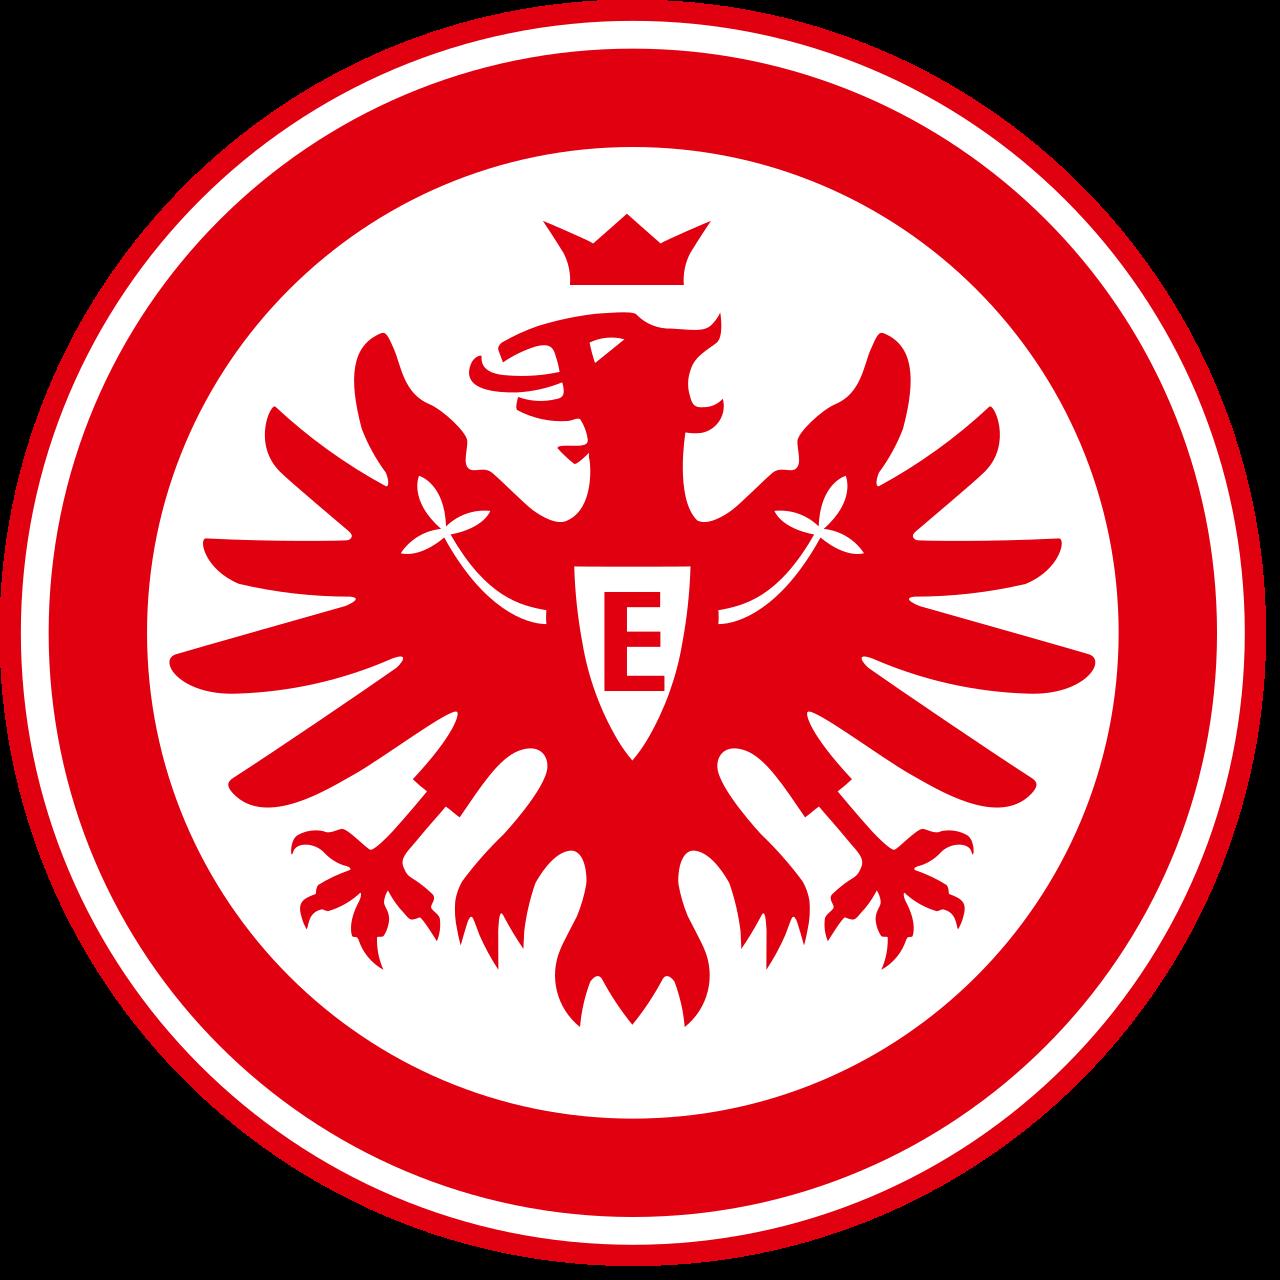 Eintracht Frankfurt Wikipedia Eintracht Frankfurt Logo Eintracht Frankfurt Eintracht